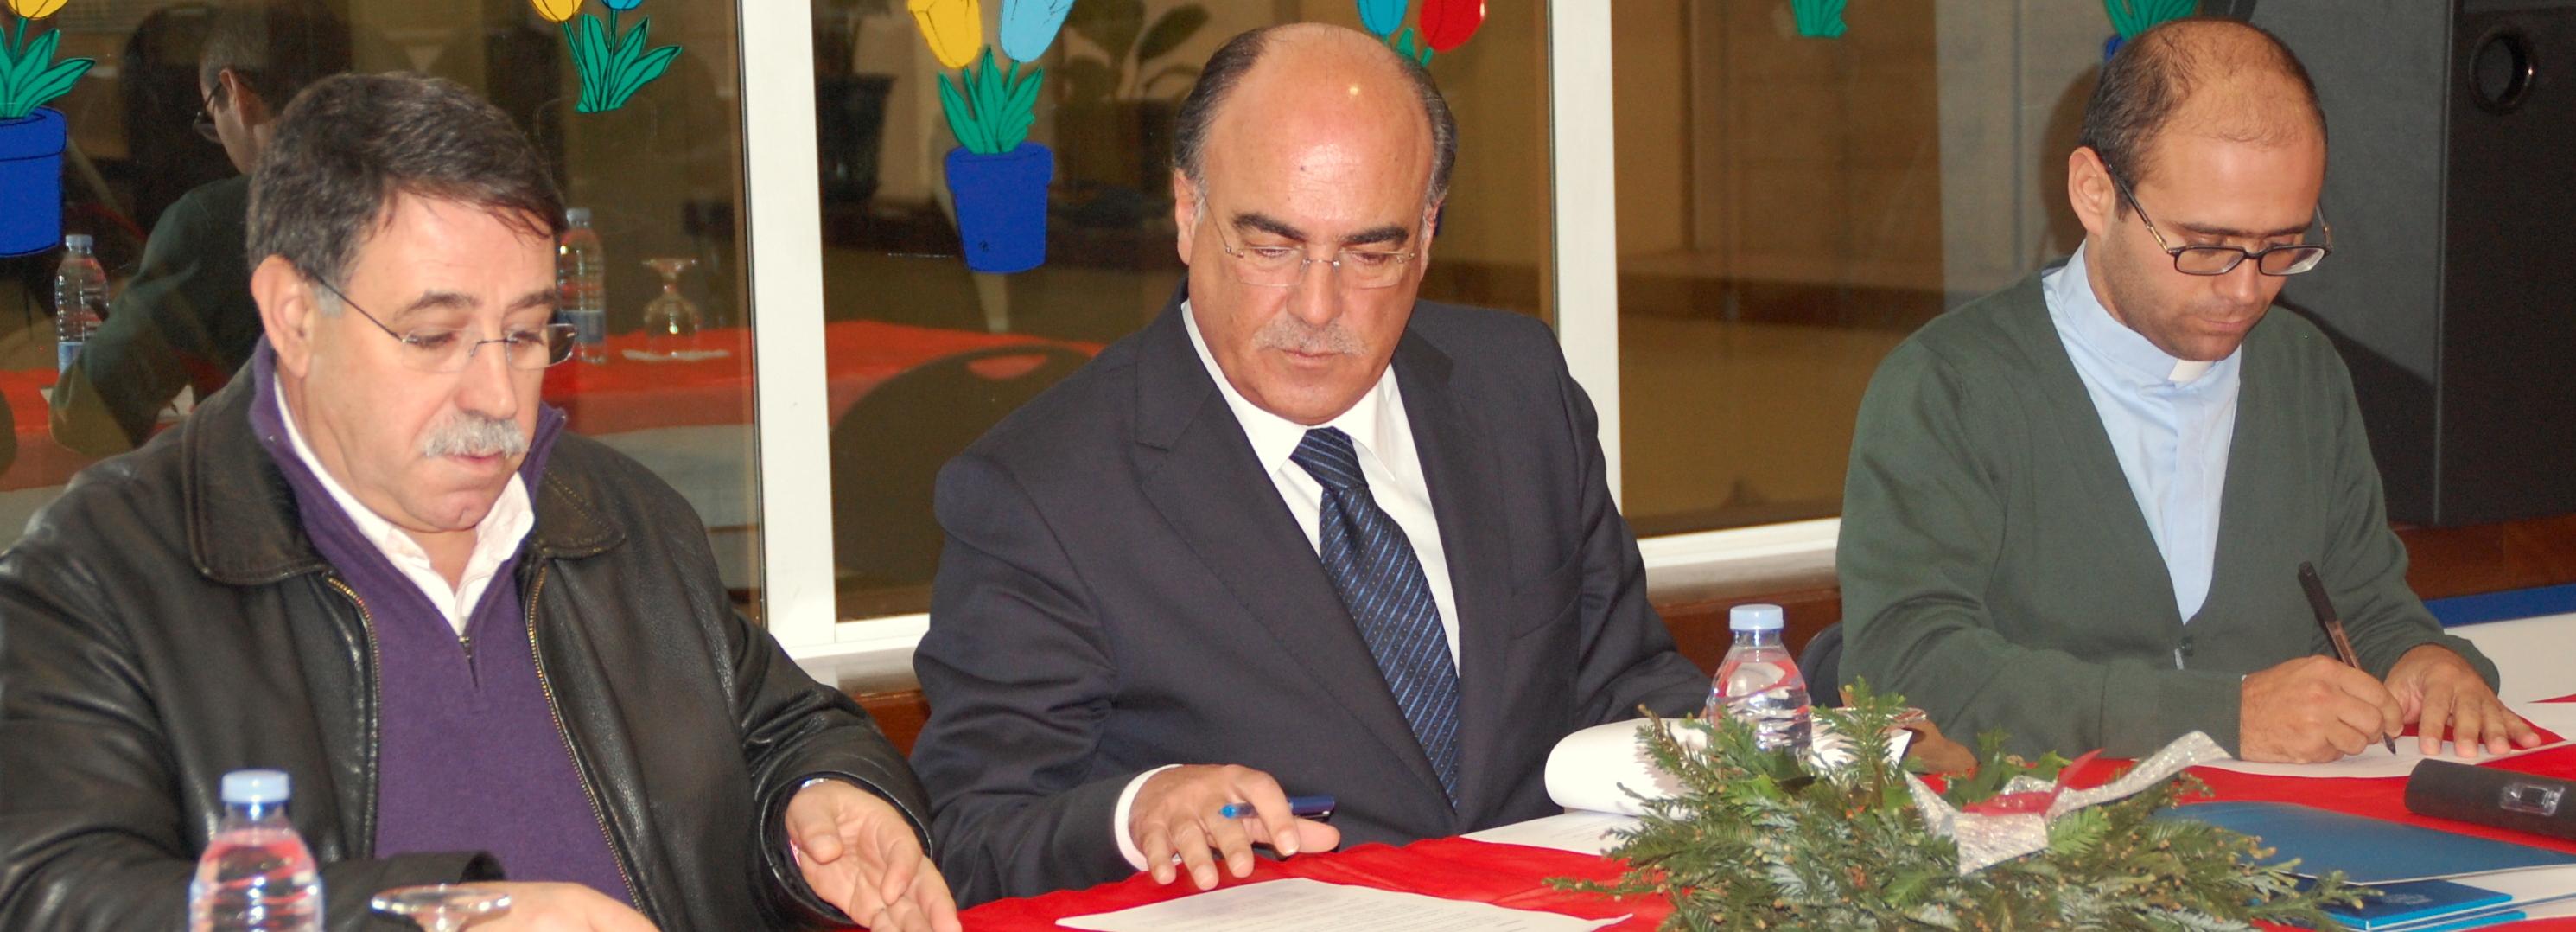 Presidente da Câmara assinou protocolos para implementação de pequenos-almoços nas escolas do concelho